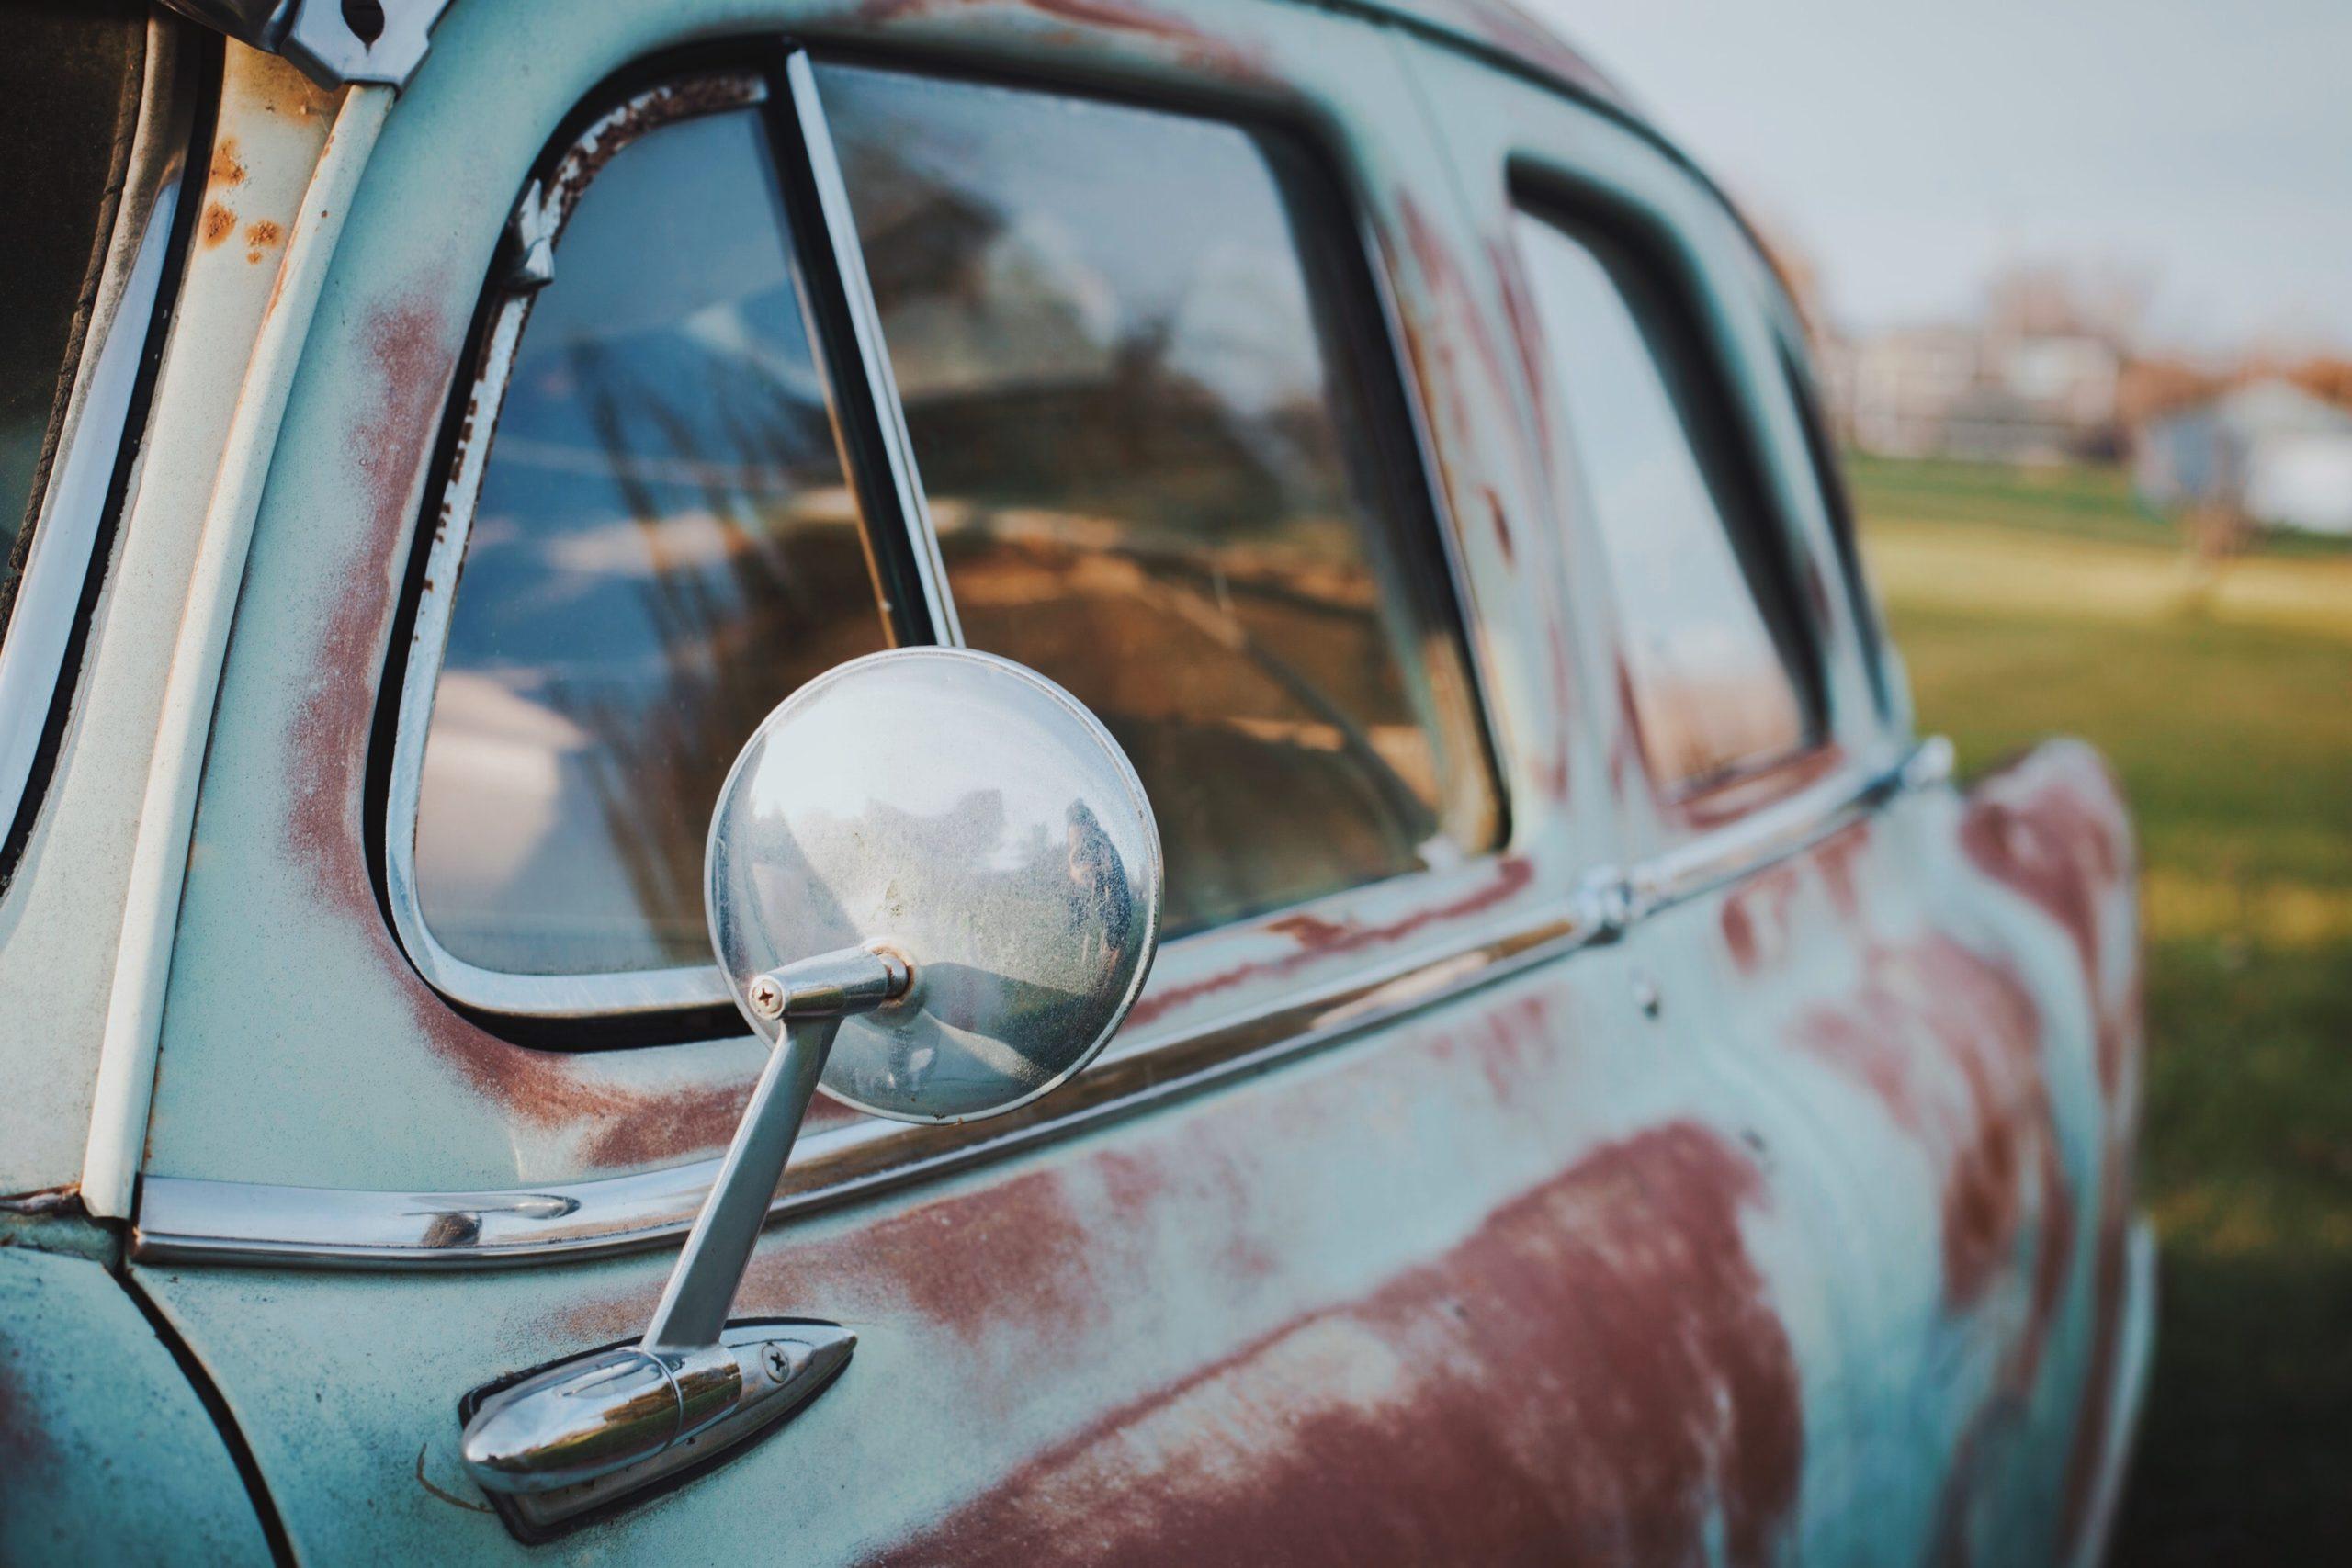 car rust on a blue car